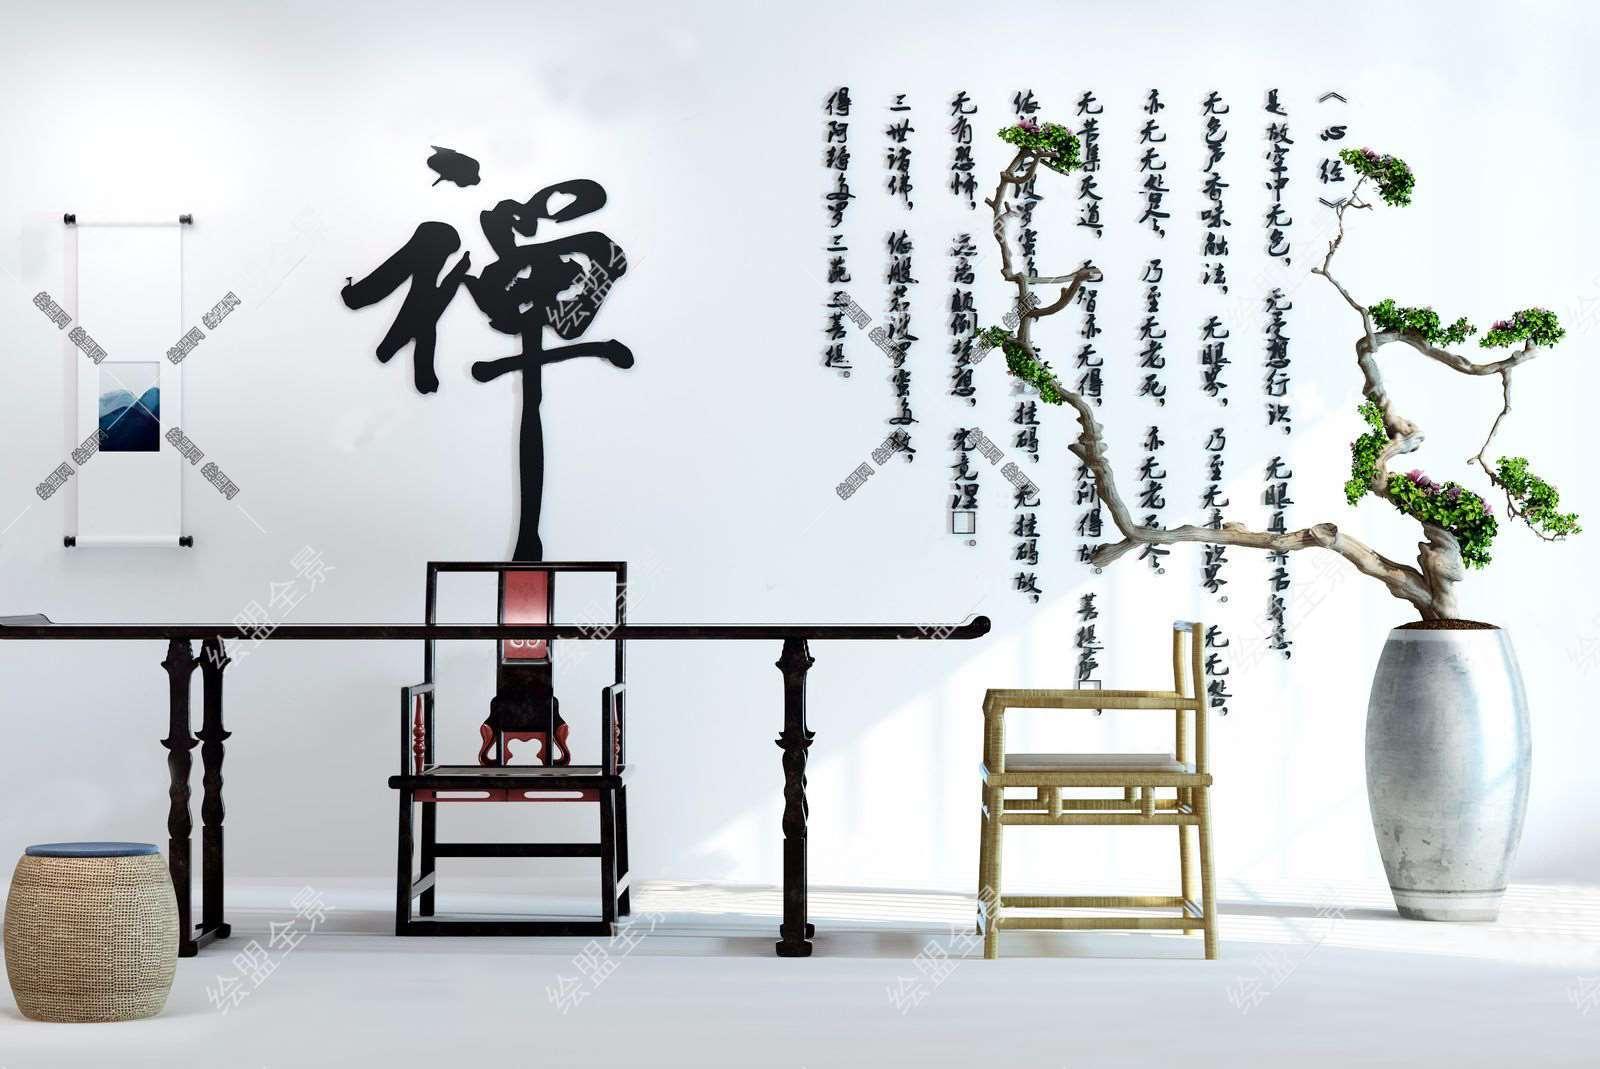 复古loft实木写字台 徽派书房 新中式陈设品书桌组合 新中式书台 北欧图片